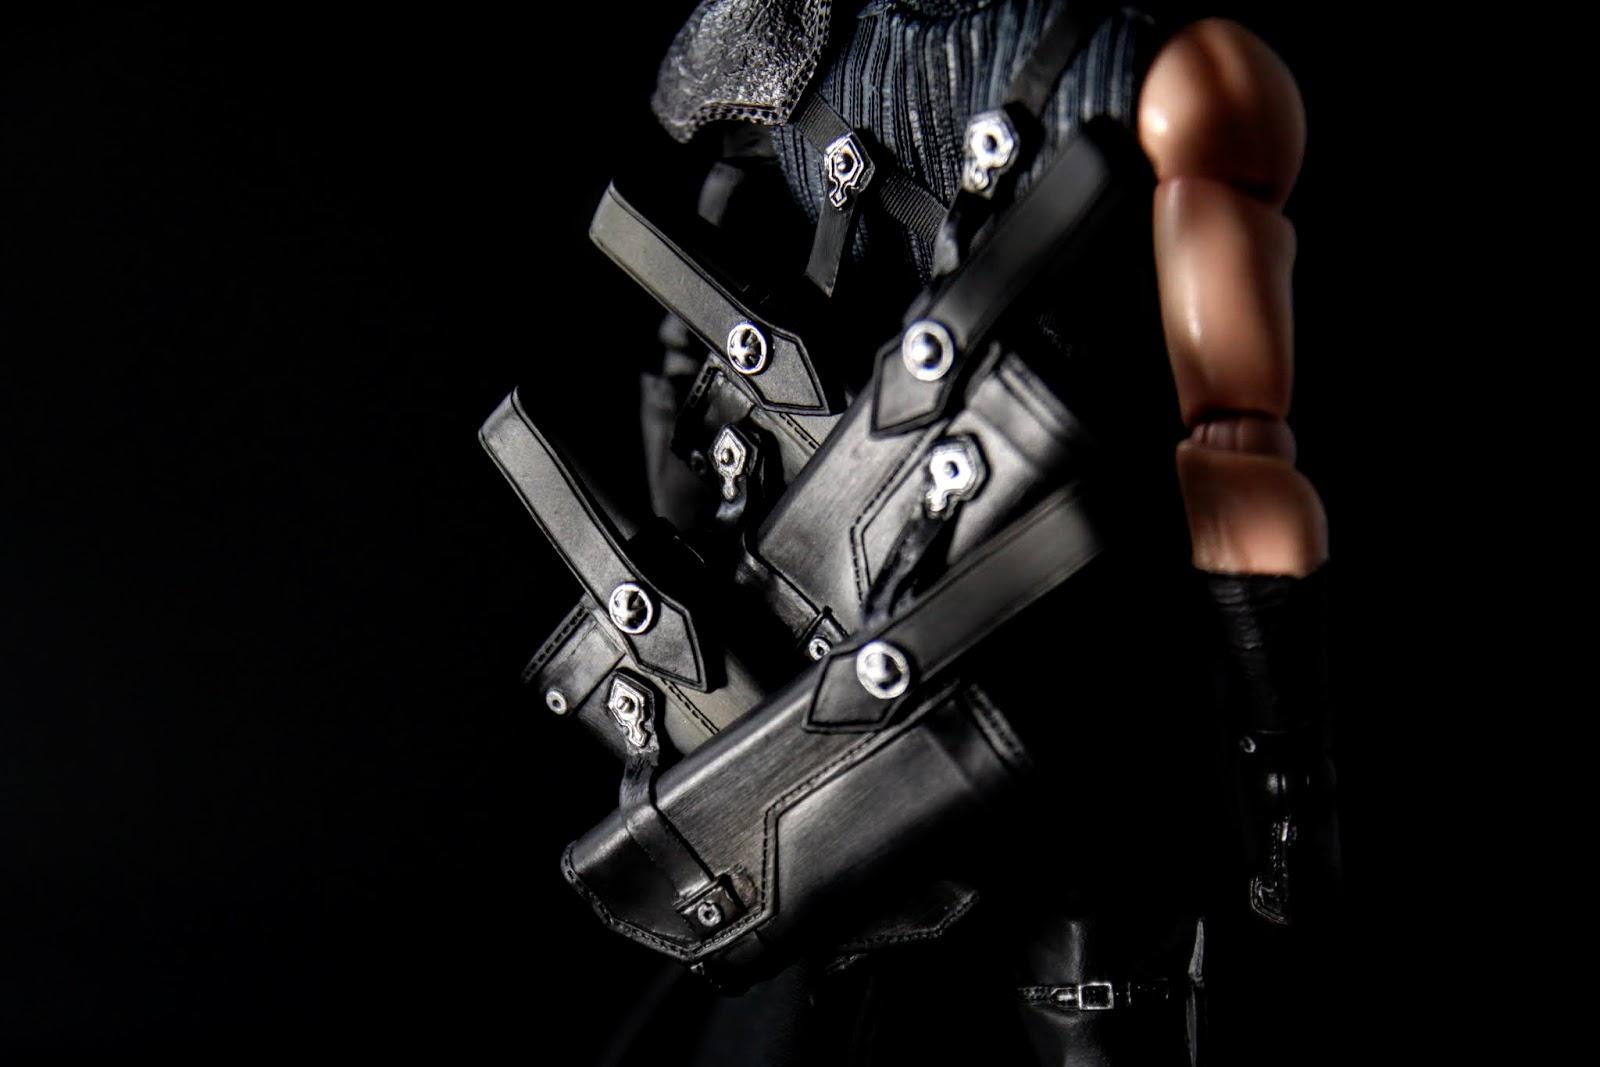 劍袋非常細緻,但是連接點只有背上的兩條細帶,要是哪天龜裂就~~~